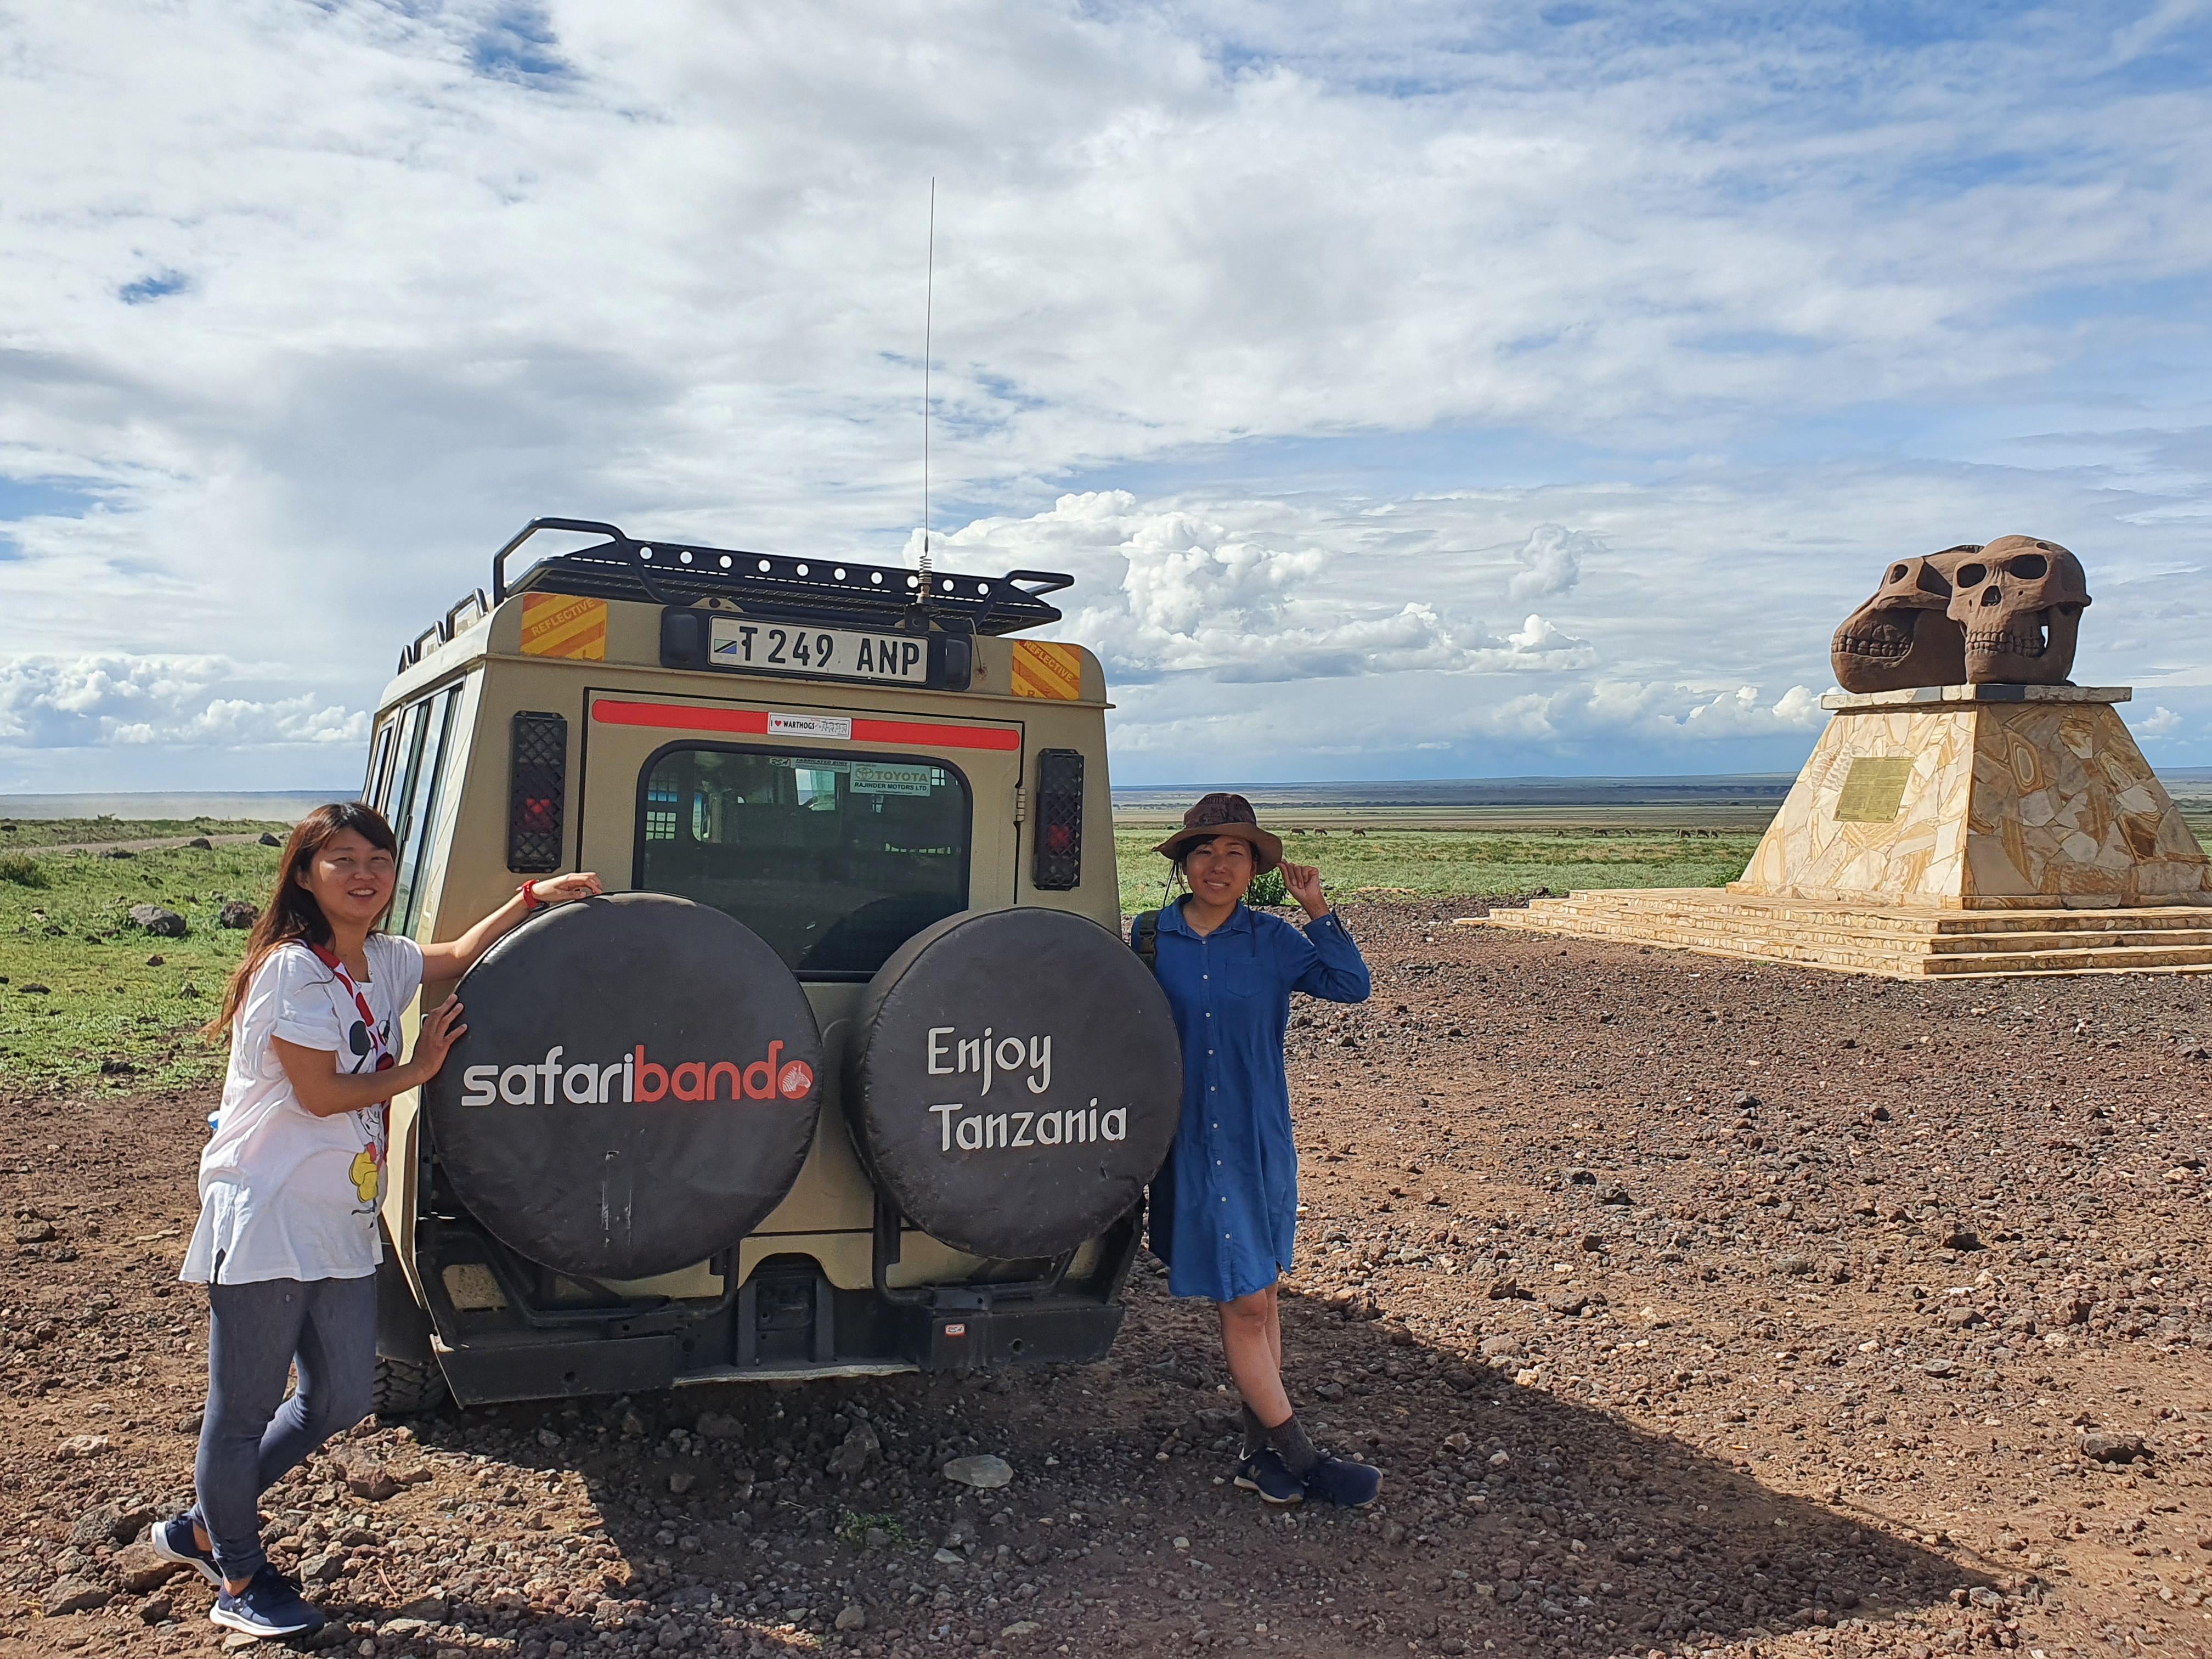 3 Days Tanzania Safari to Serengeti and Ngorongoro Short and Sweet 1